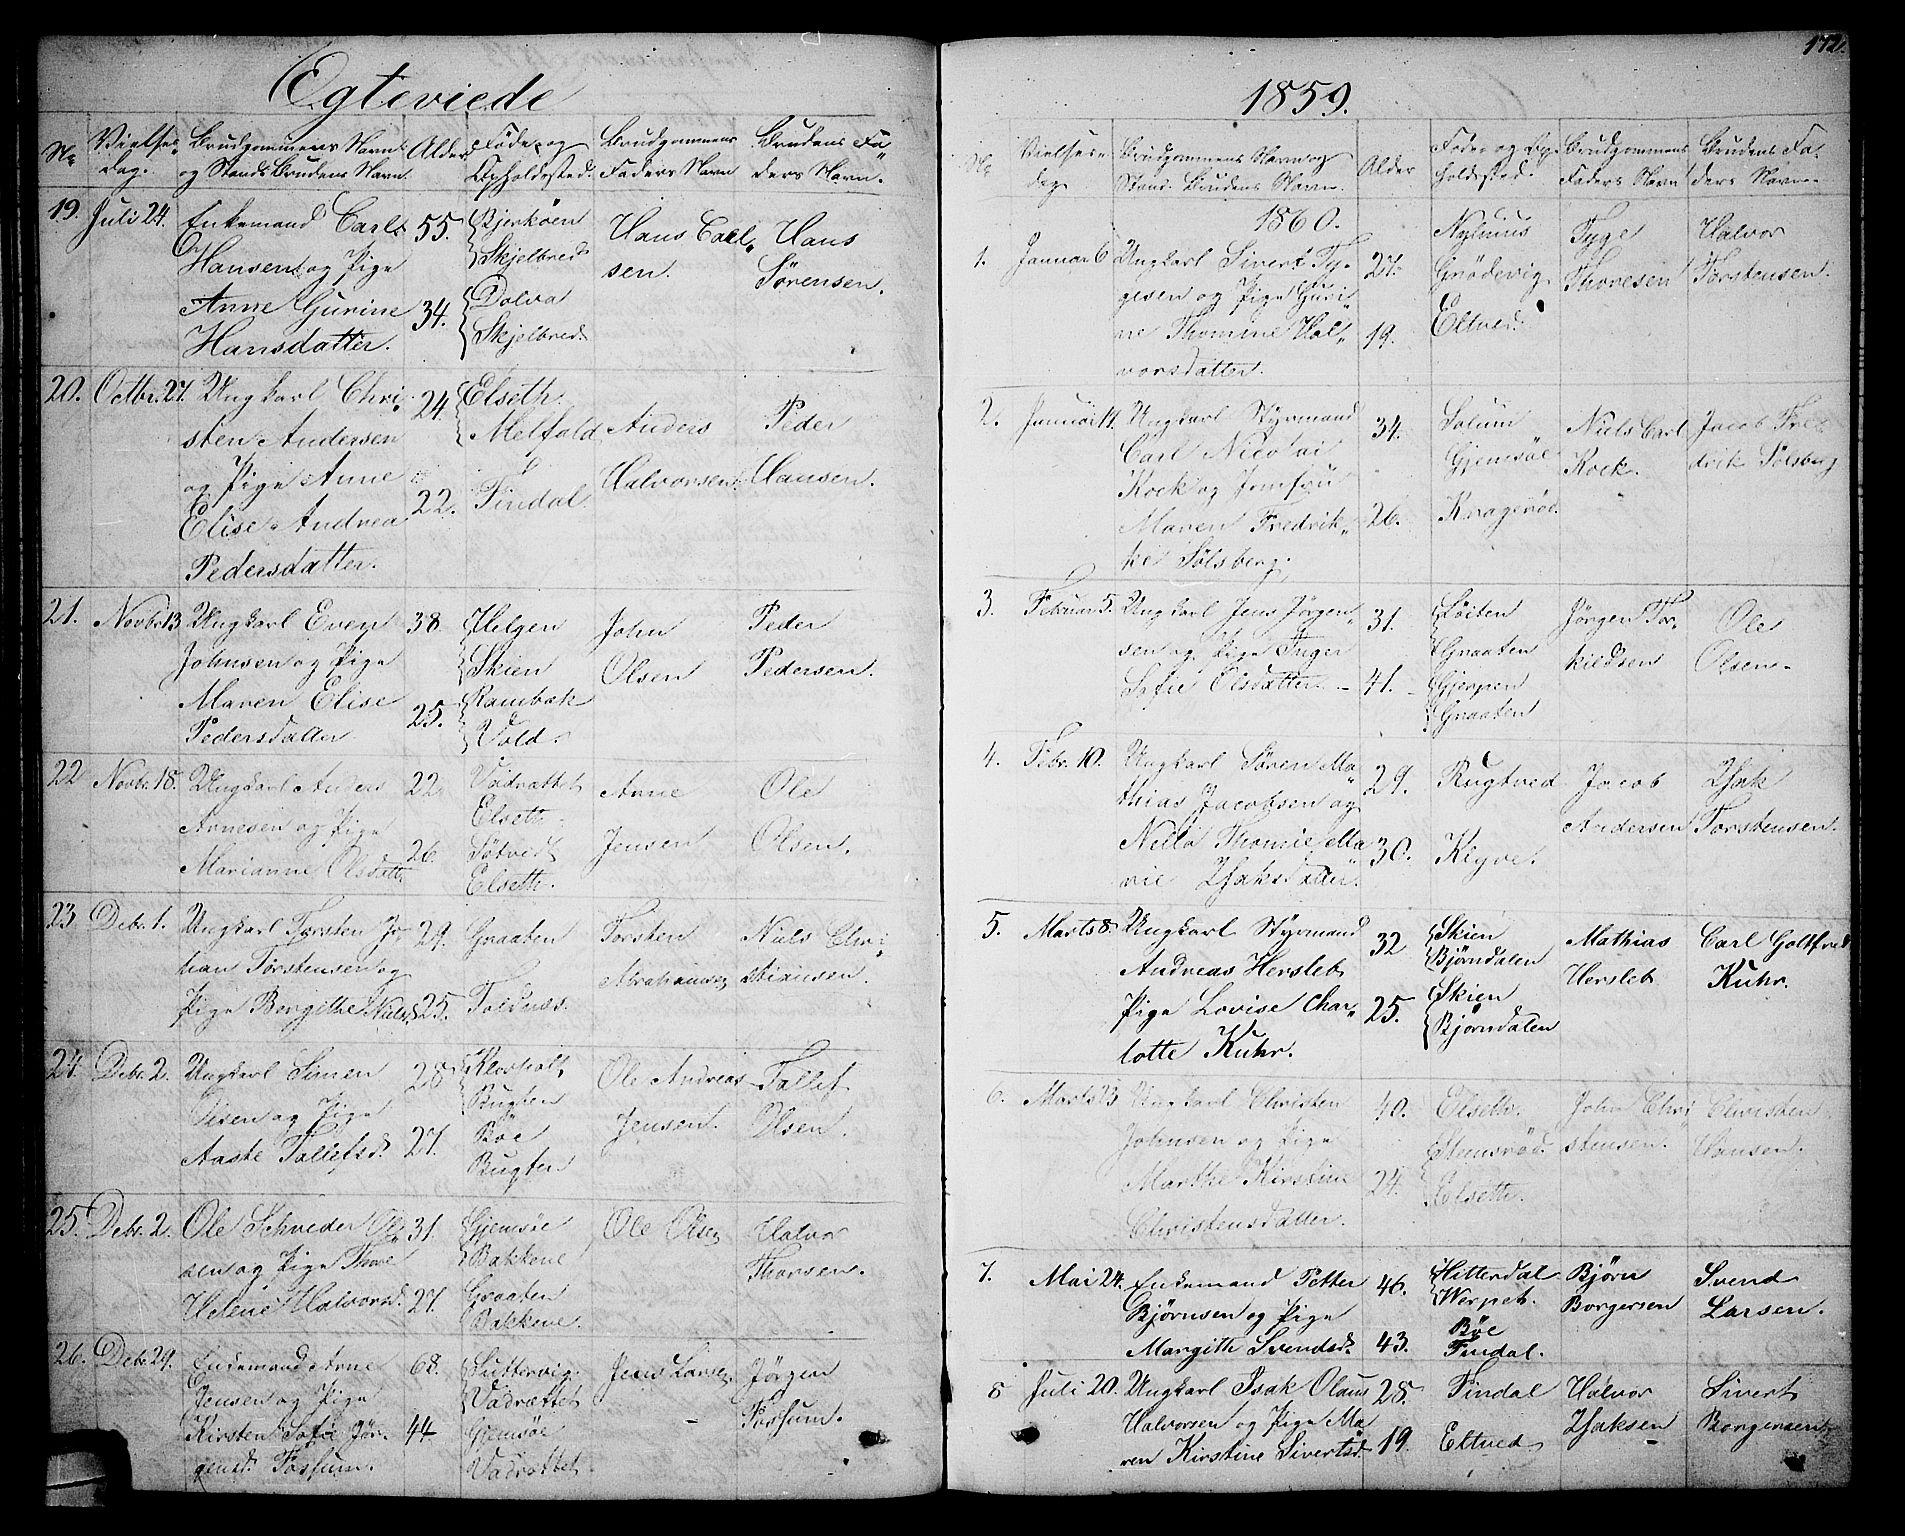 SAKO, Solum kirkebøker, G/Ga/L0004: Klokkerbok nr. I 4, 1859-1876, s. 172